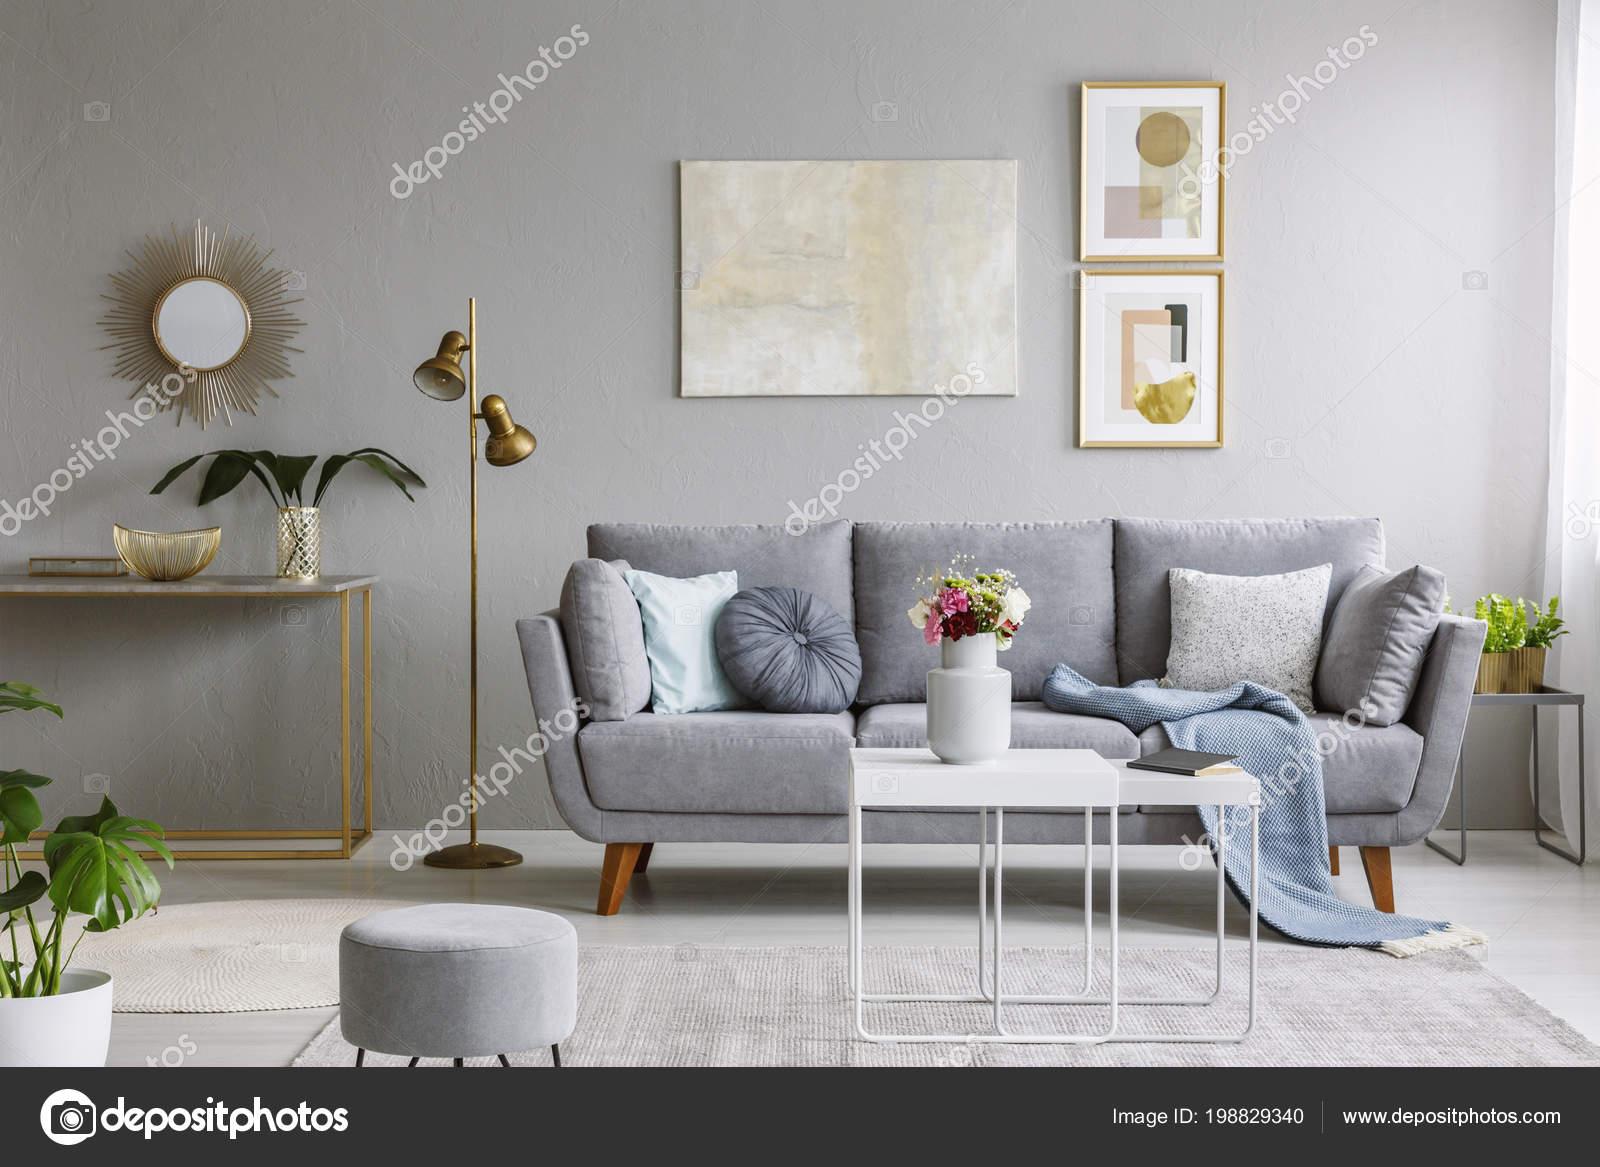 Echte foto van een grijze bank met kussens deken staande u2014 stockfoto